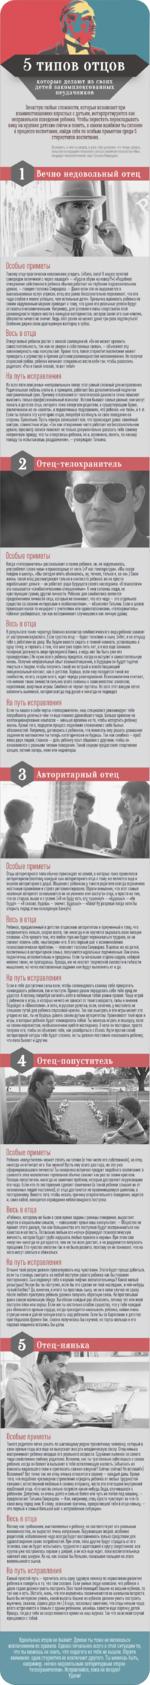 5 типов отцов которые делают из своих детей закомплексованных неудачников Зачастую любые сложности, которые возникают при взаимоотношениях взрослых с детьми, интерпретируются как неправильное поведение ребенка. Чтобы перестать перекладывать вину на хрупкие детские плечи и понять, к каким ошибкам